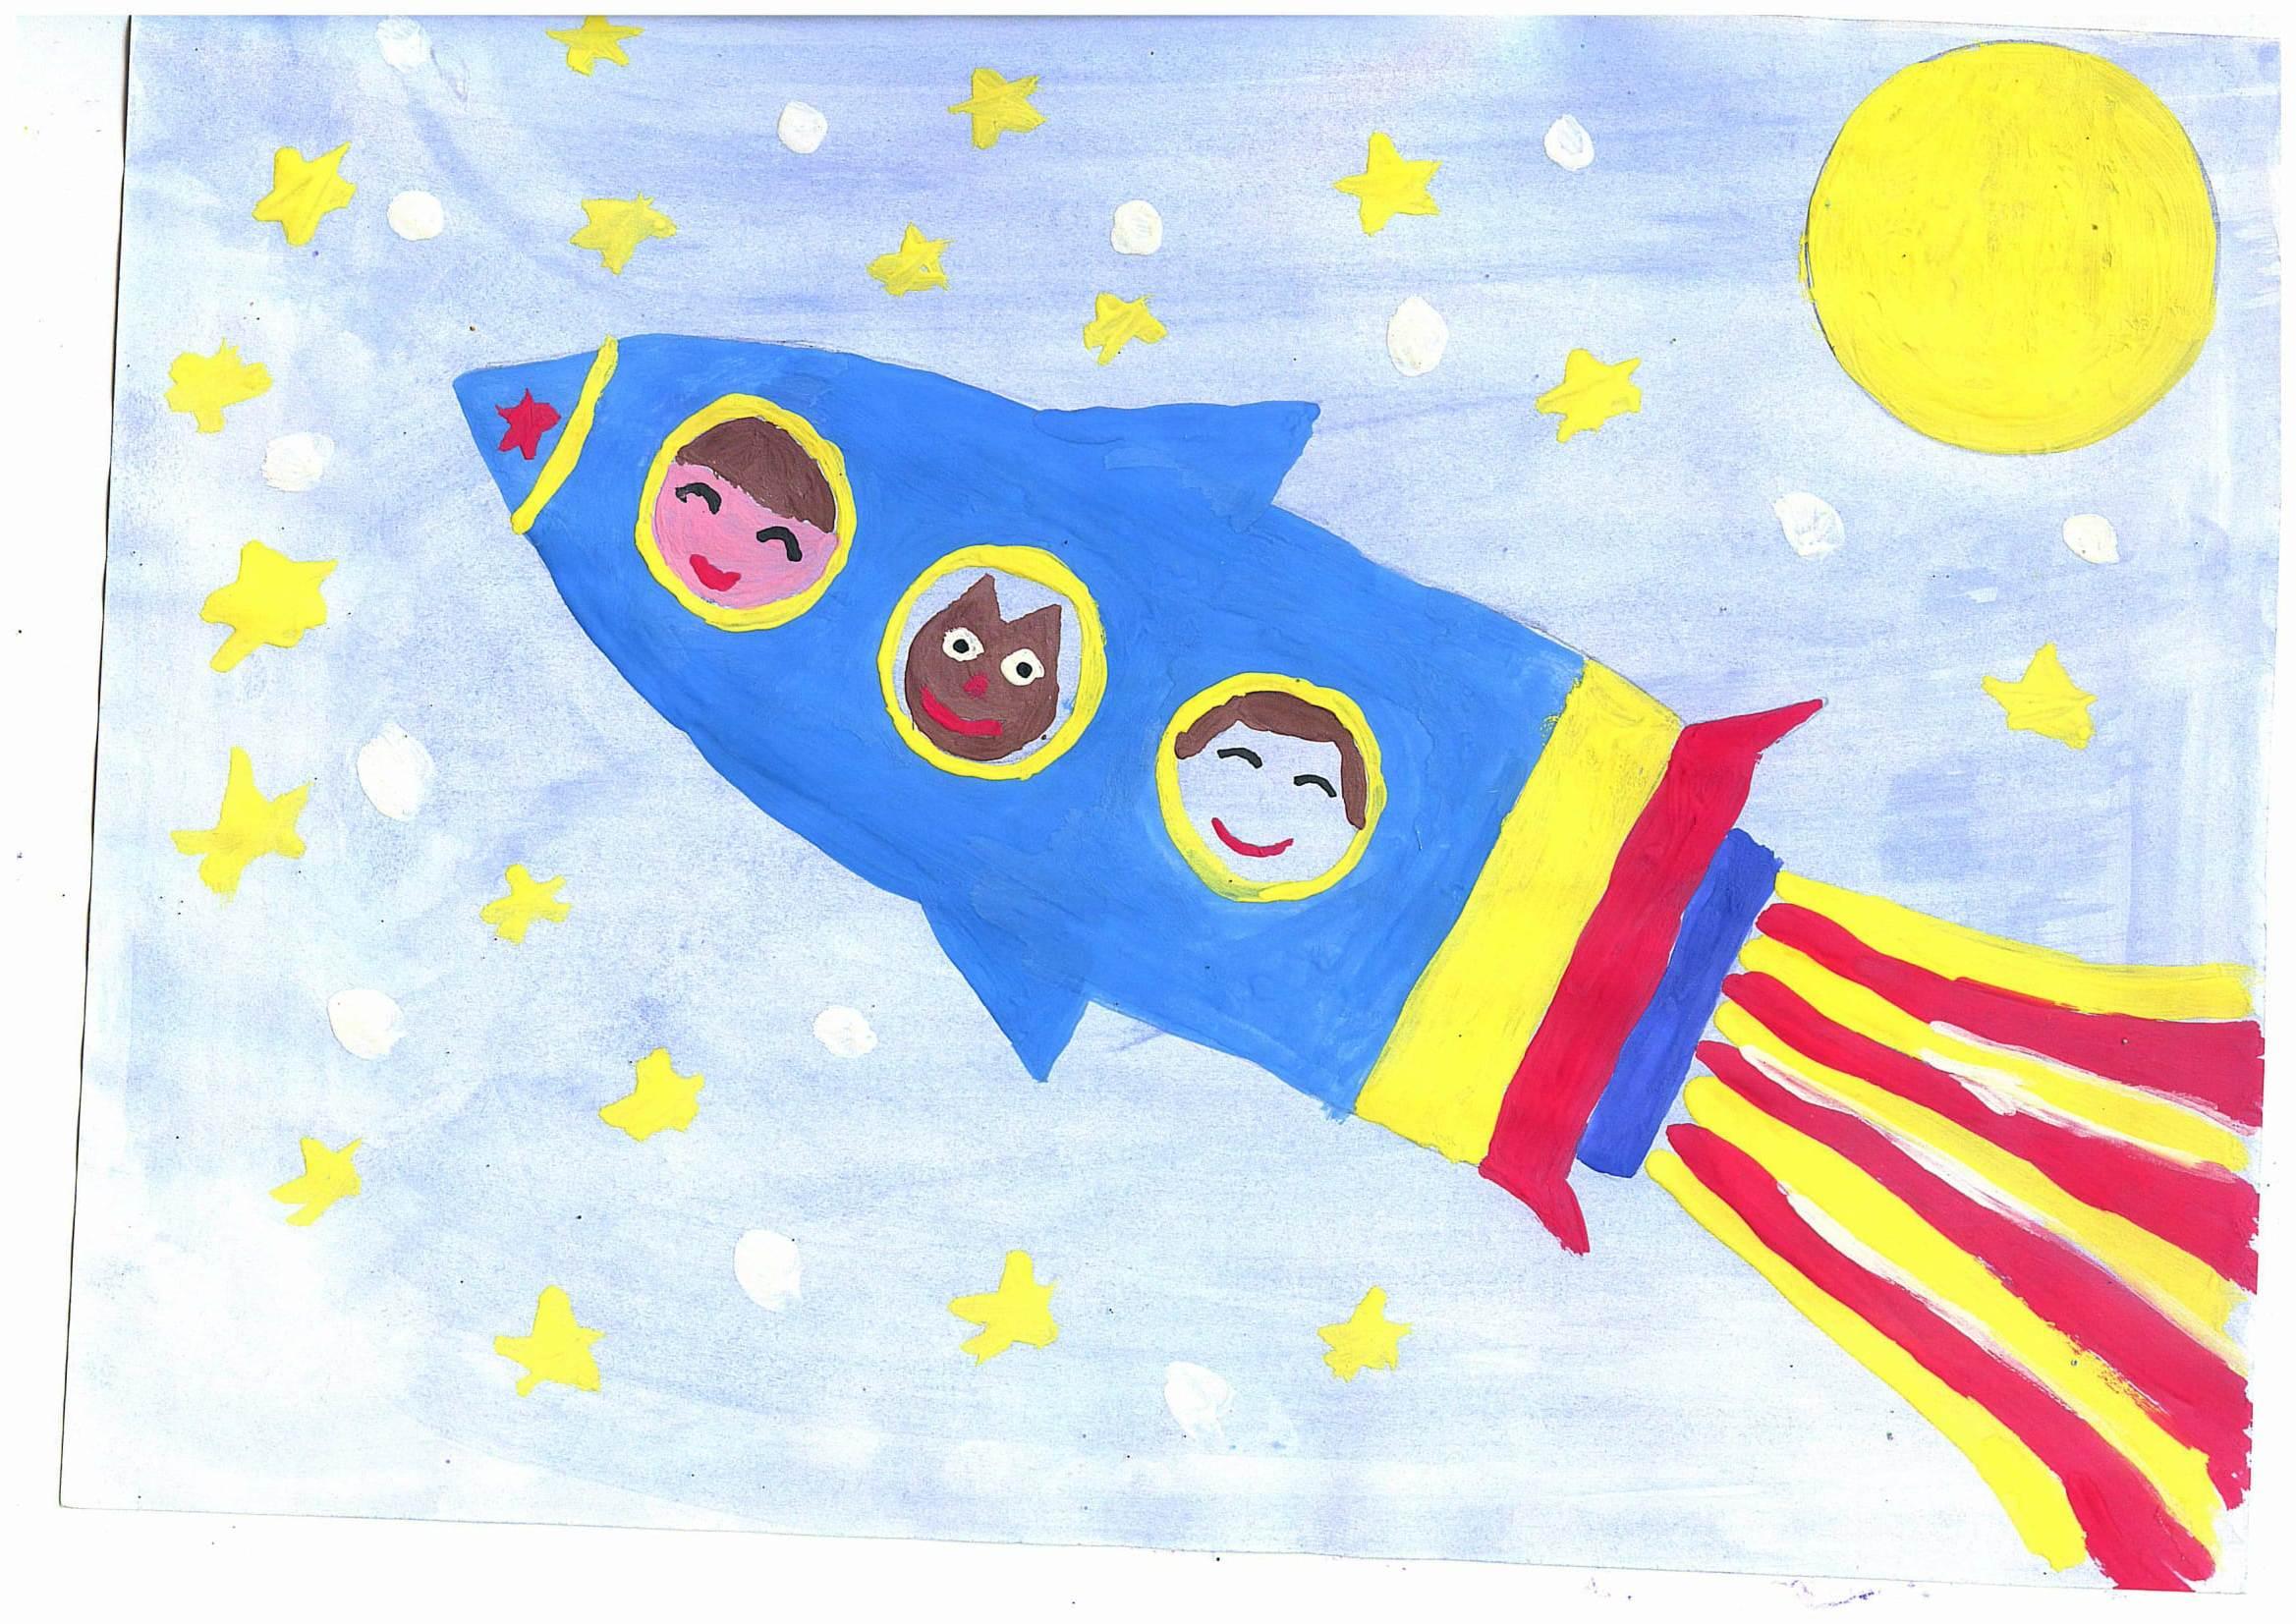 Поделки на тему космос - конкурс к Дню космонавтики 2018 8